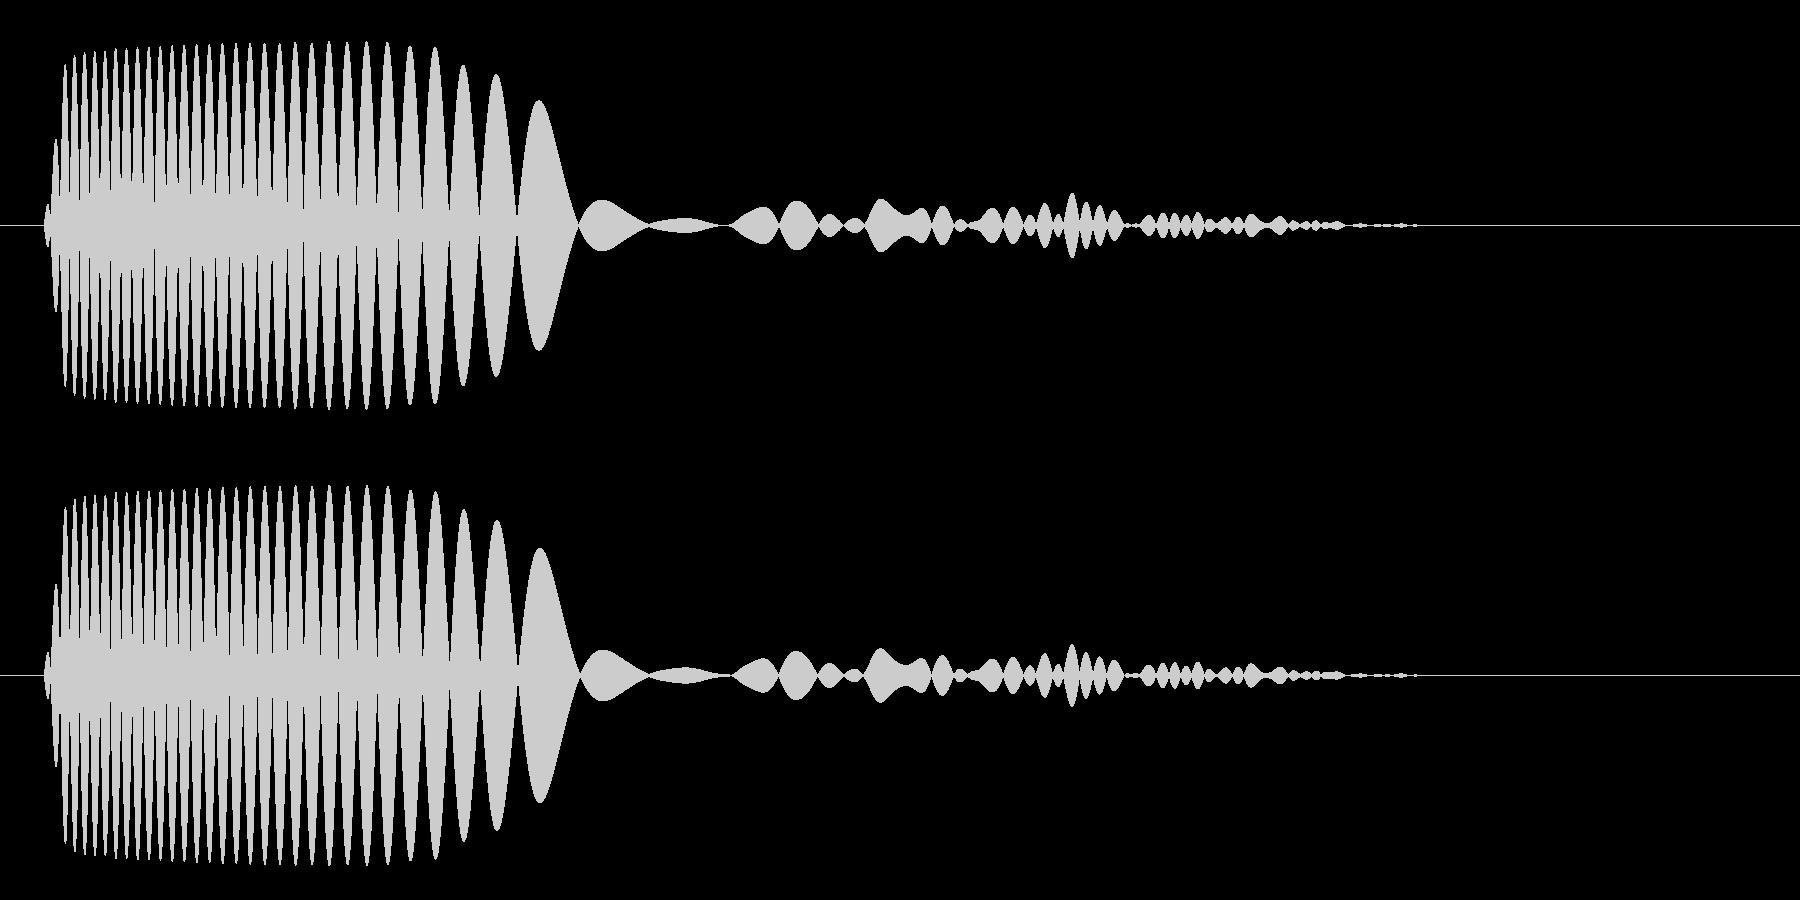 ドゥフ(バスドラム単発)の未再生の波形